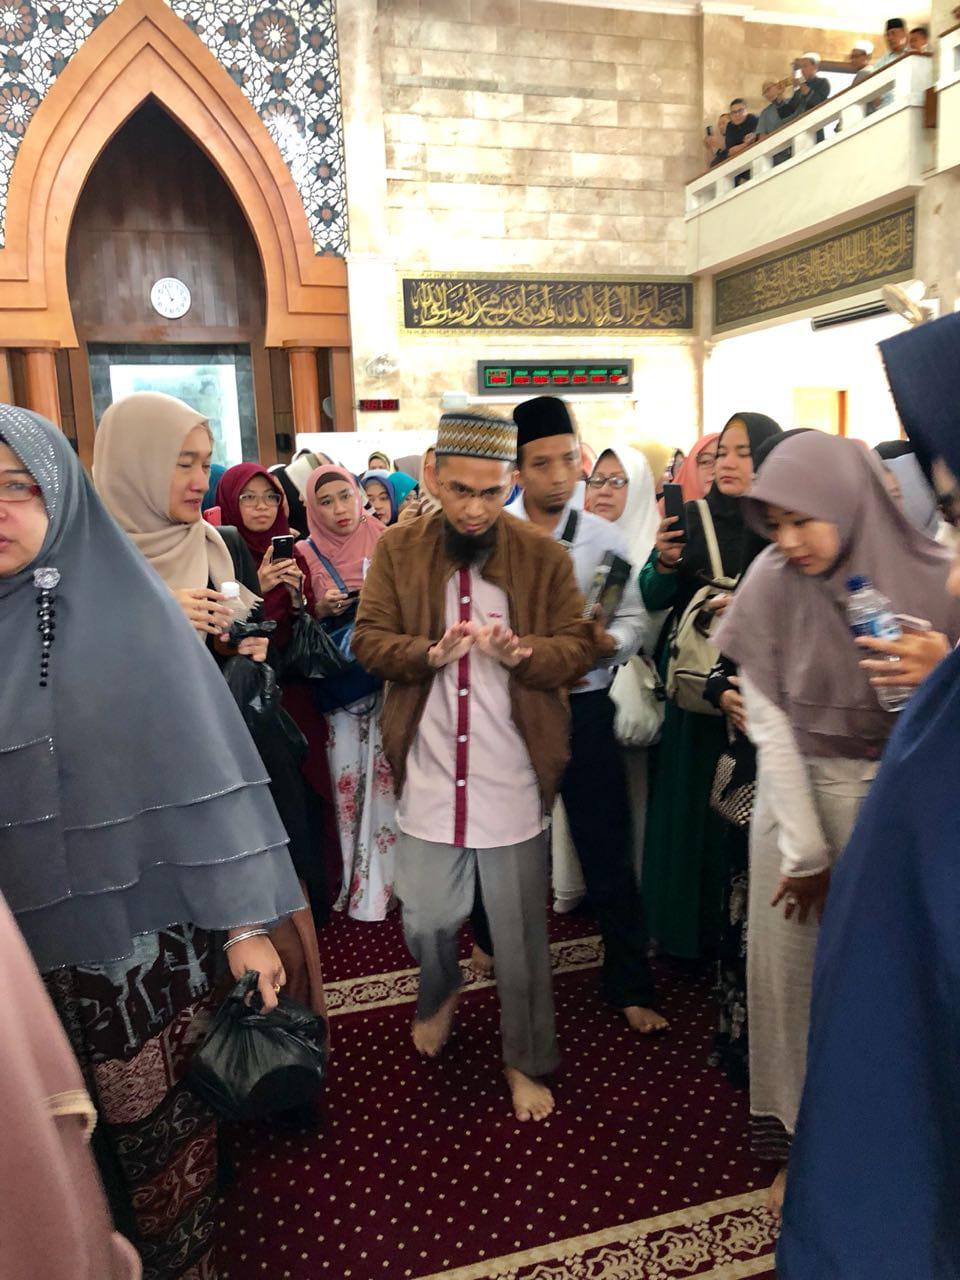 Terulang Dua Kali, Ini Keanehan Pelaku Persekusi Ustadz Adi Hidayat